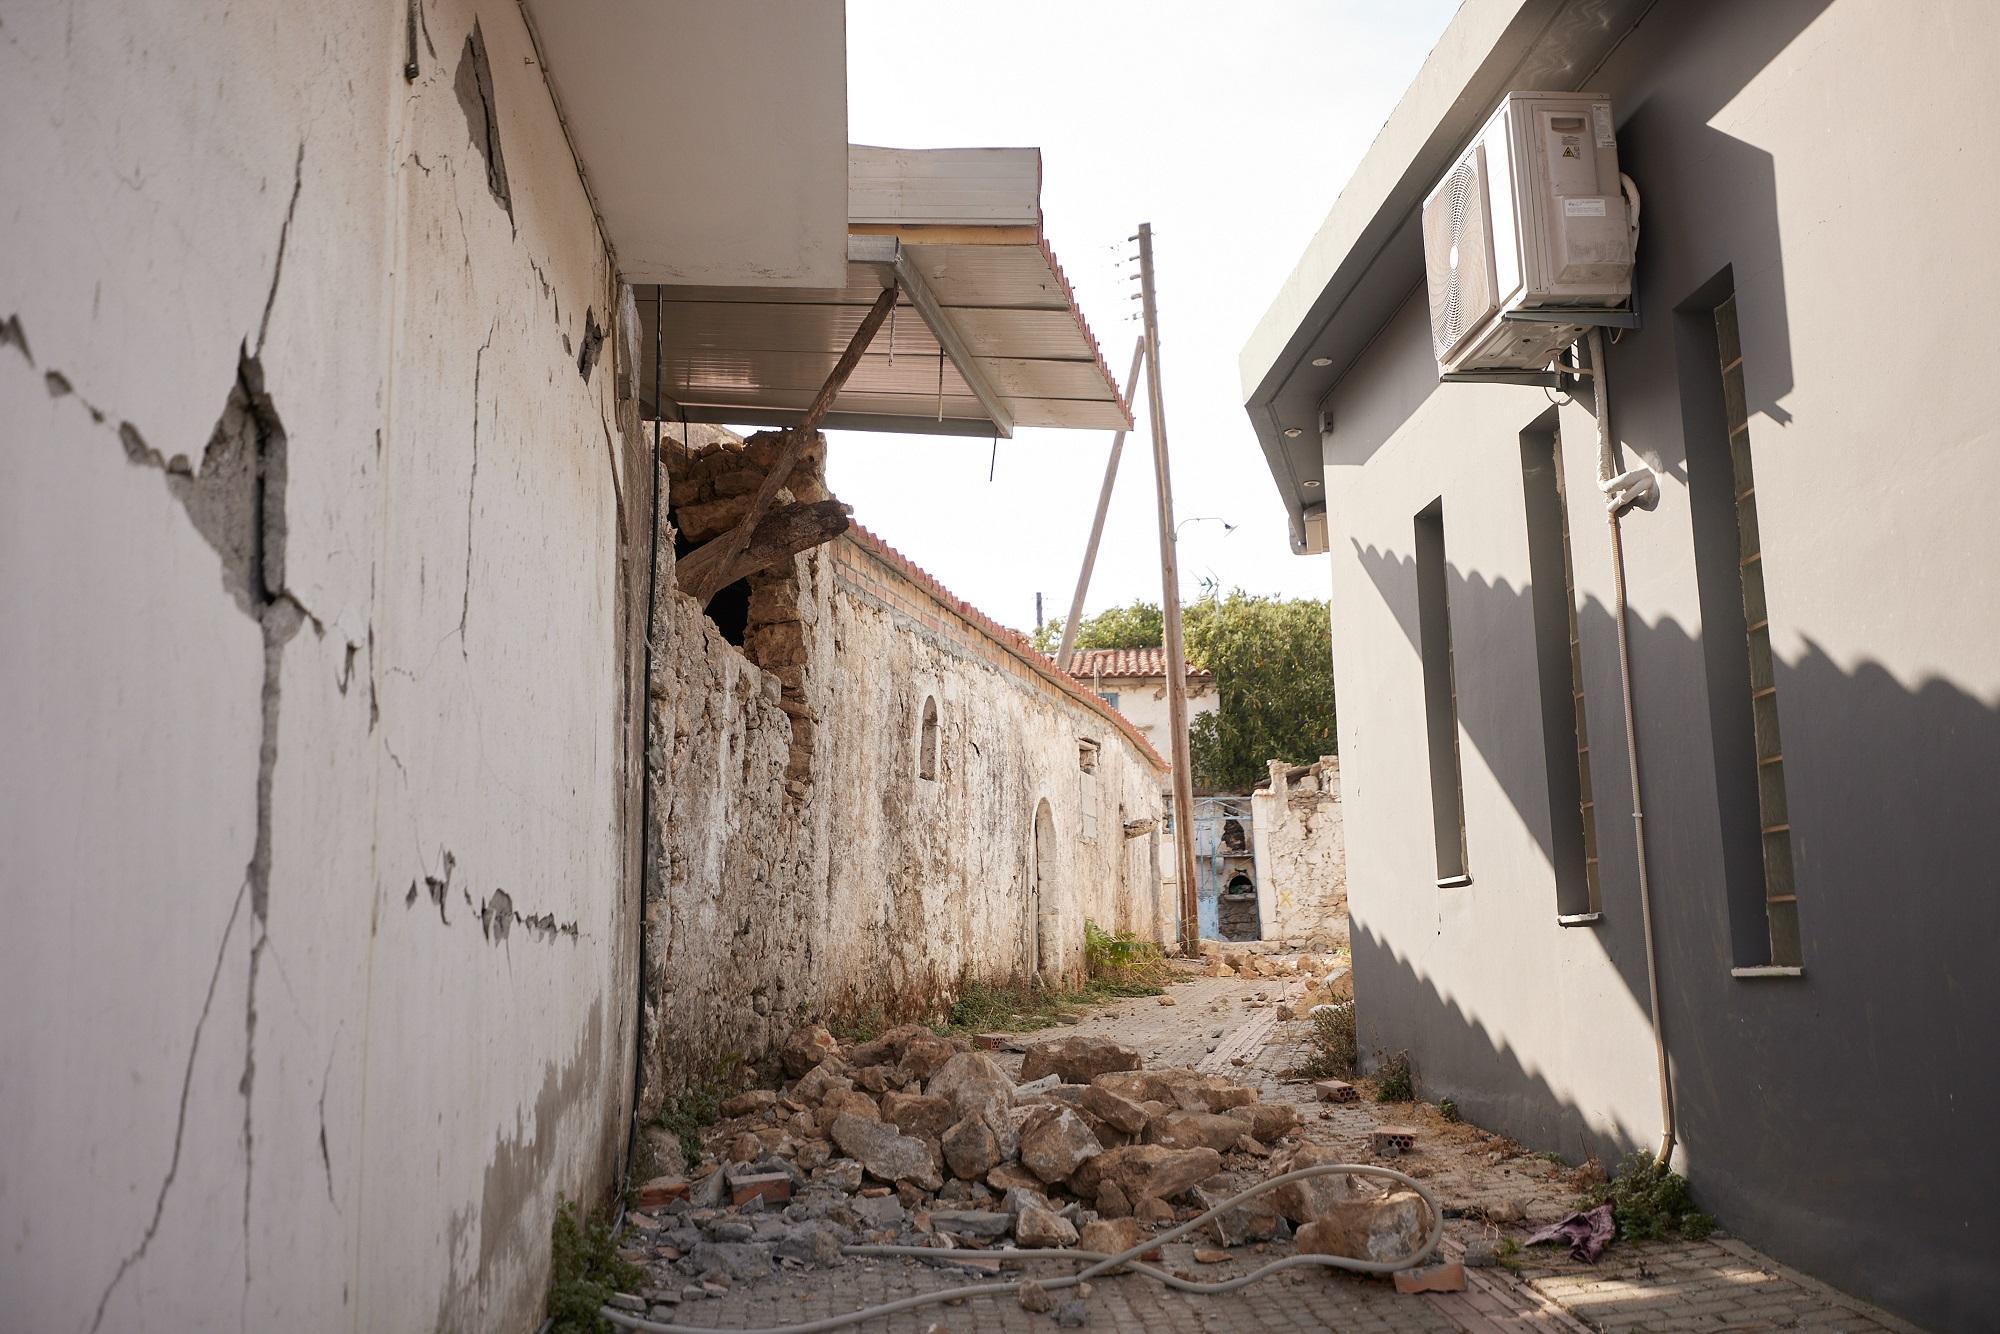 Σεισμός στην Κρήτη: Τι έδειξαν οι πρώτες αυτοψίες από μηχανικούς